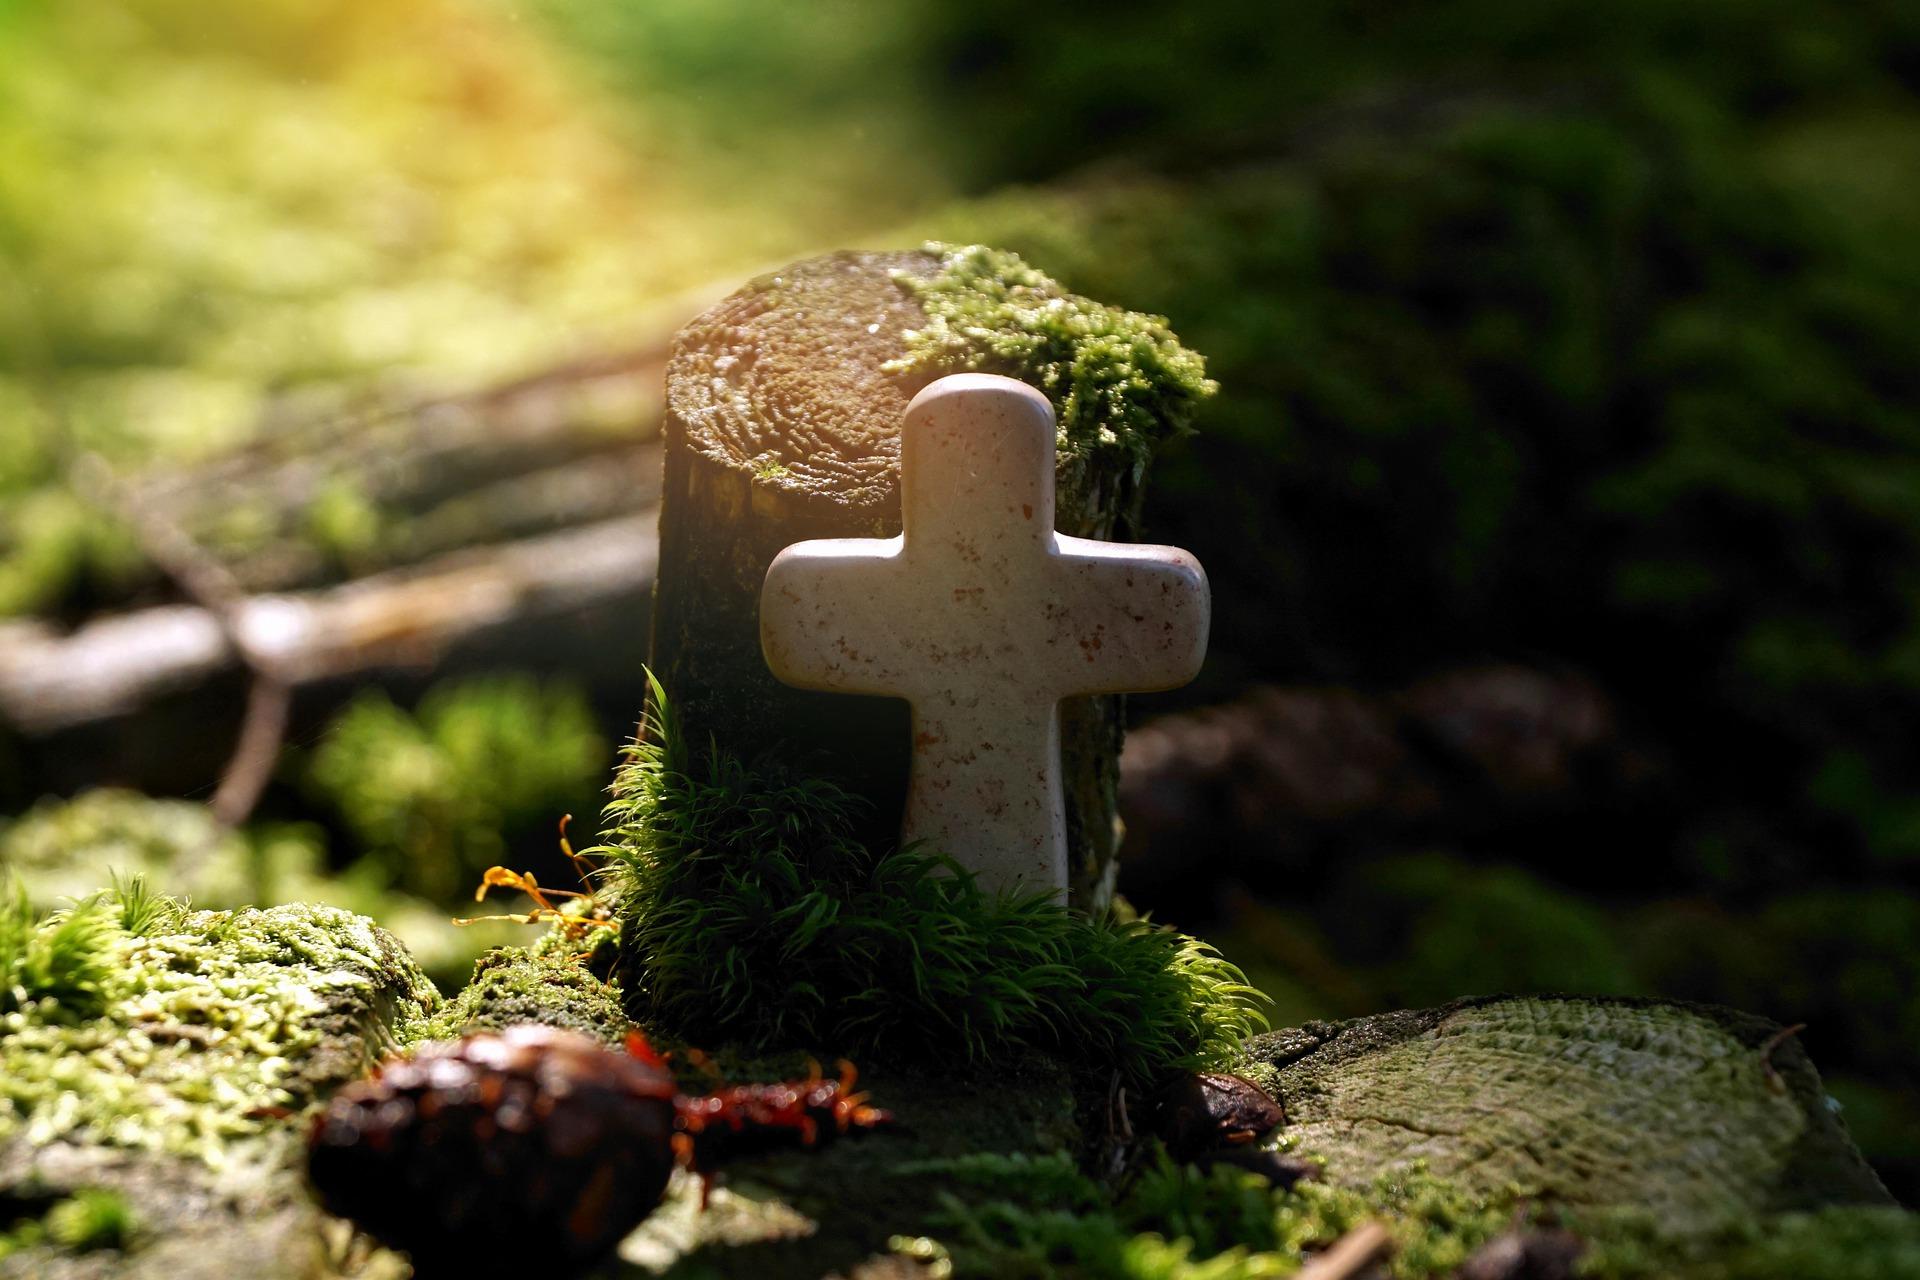 Gute Besserung mit Segen aus der Bibel